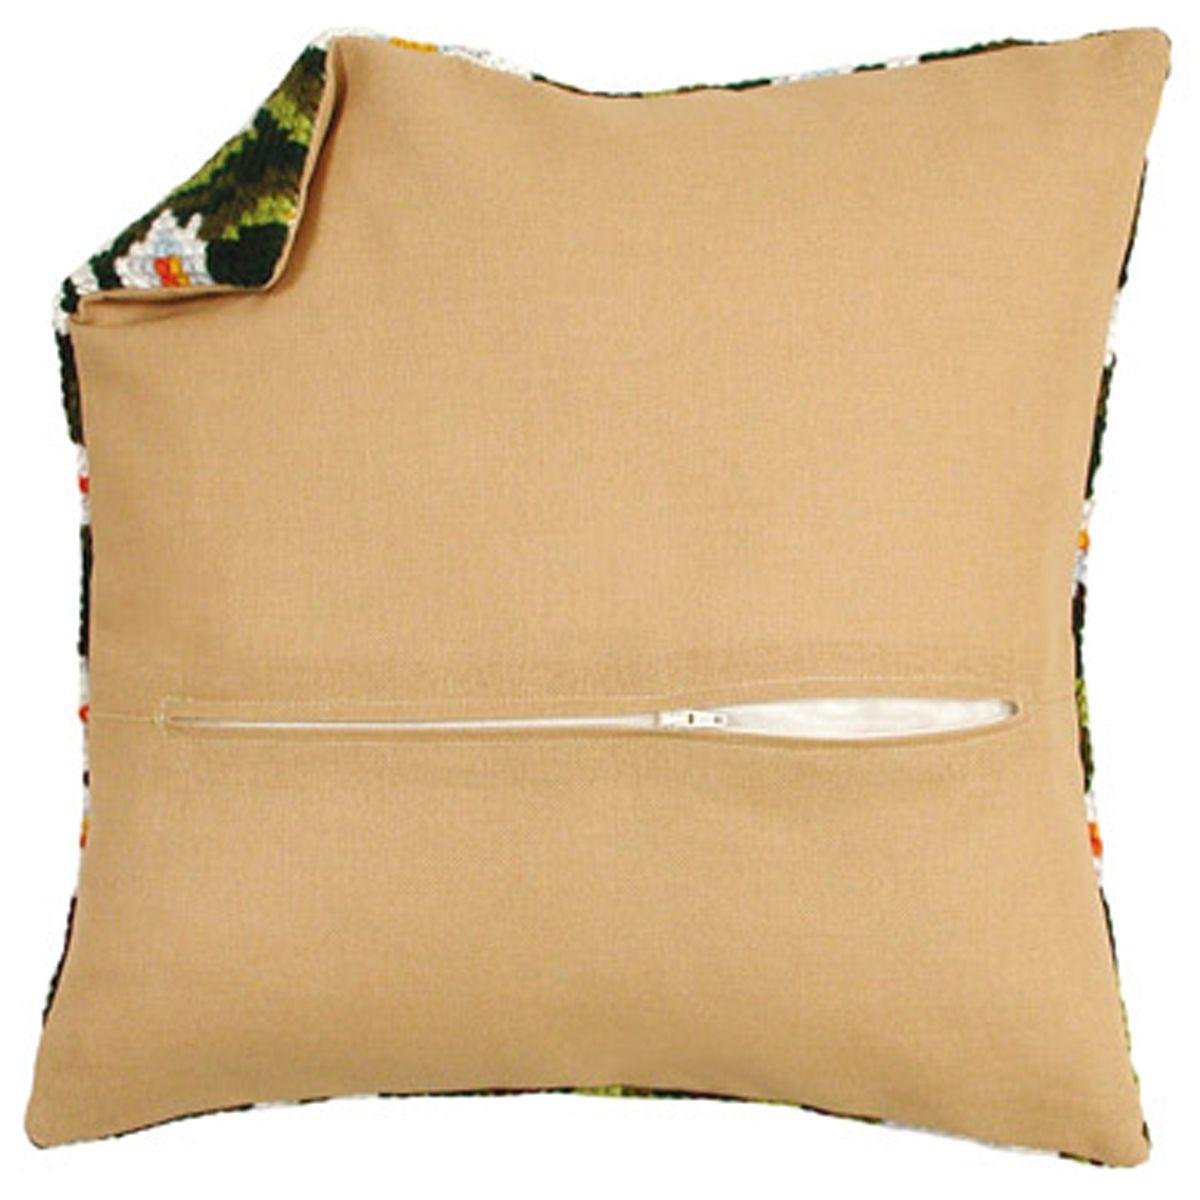 Обратная сторона подушки Vervaco, цвет: бежевый, 45 х 45 см vervaco набор для вышивания лицевой стороны наволочки белый шиповник 40 40см